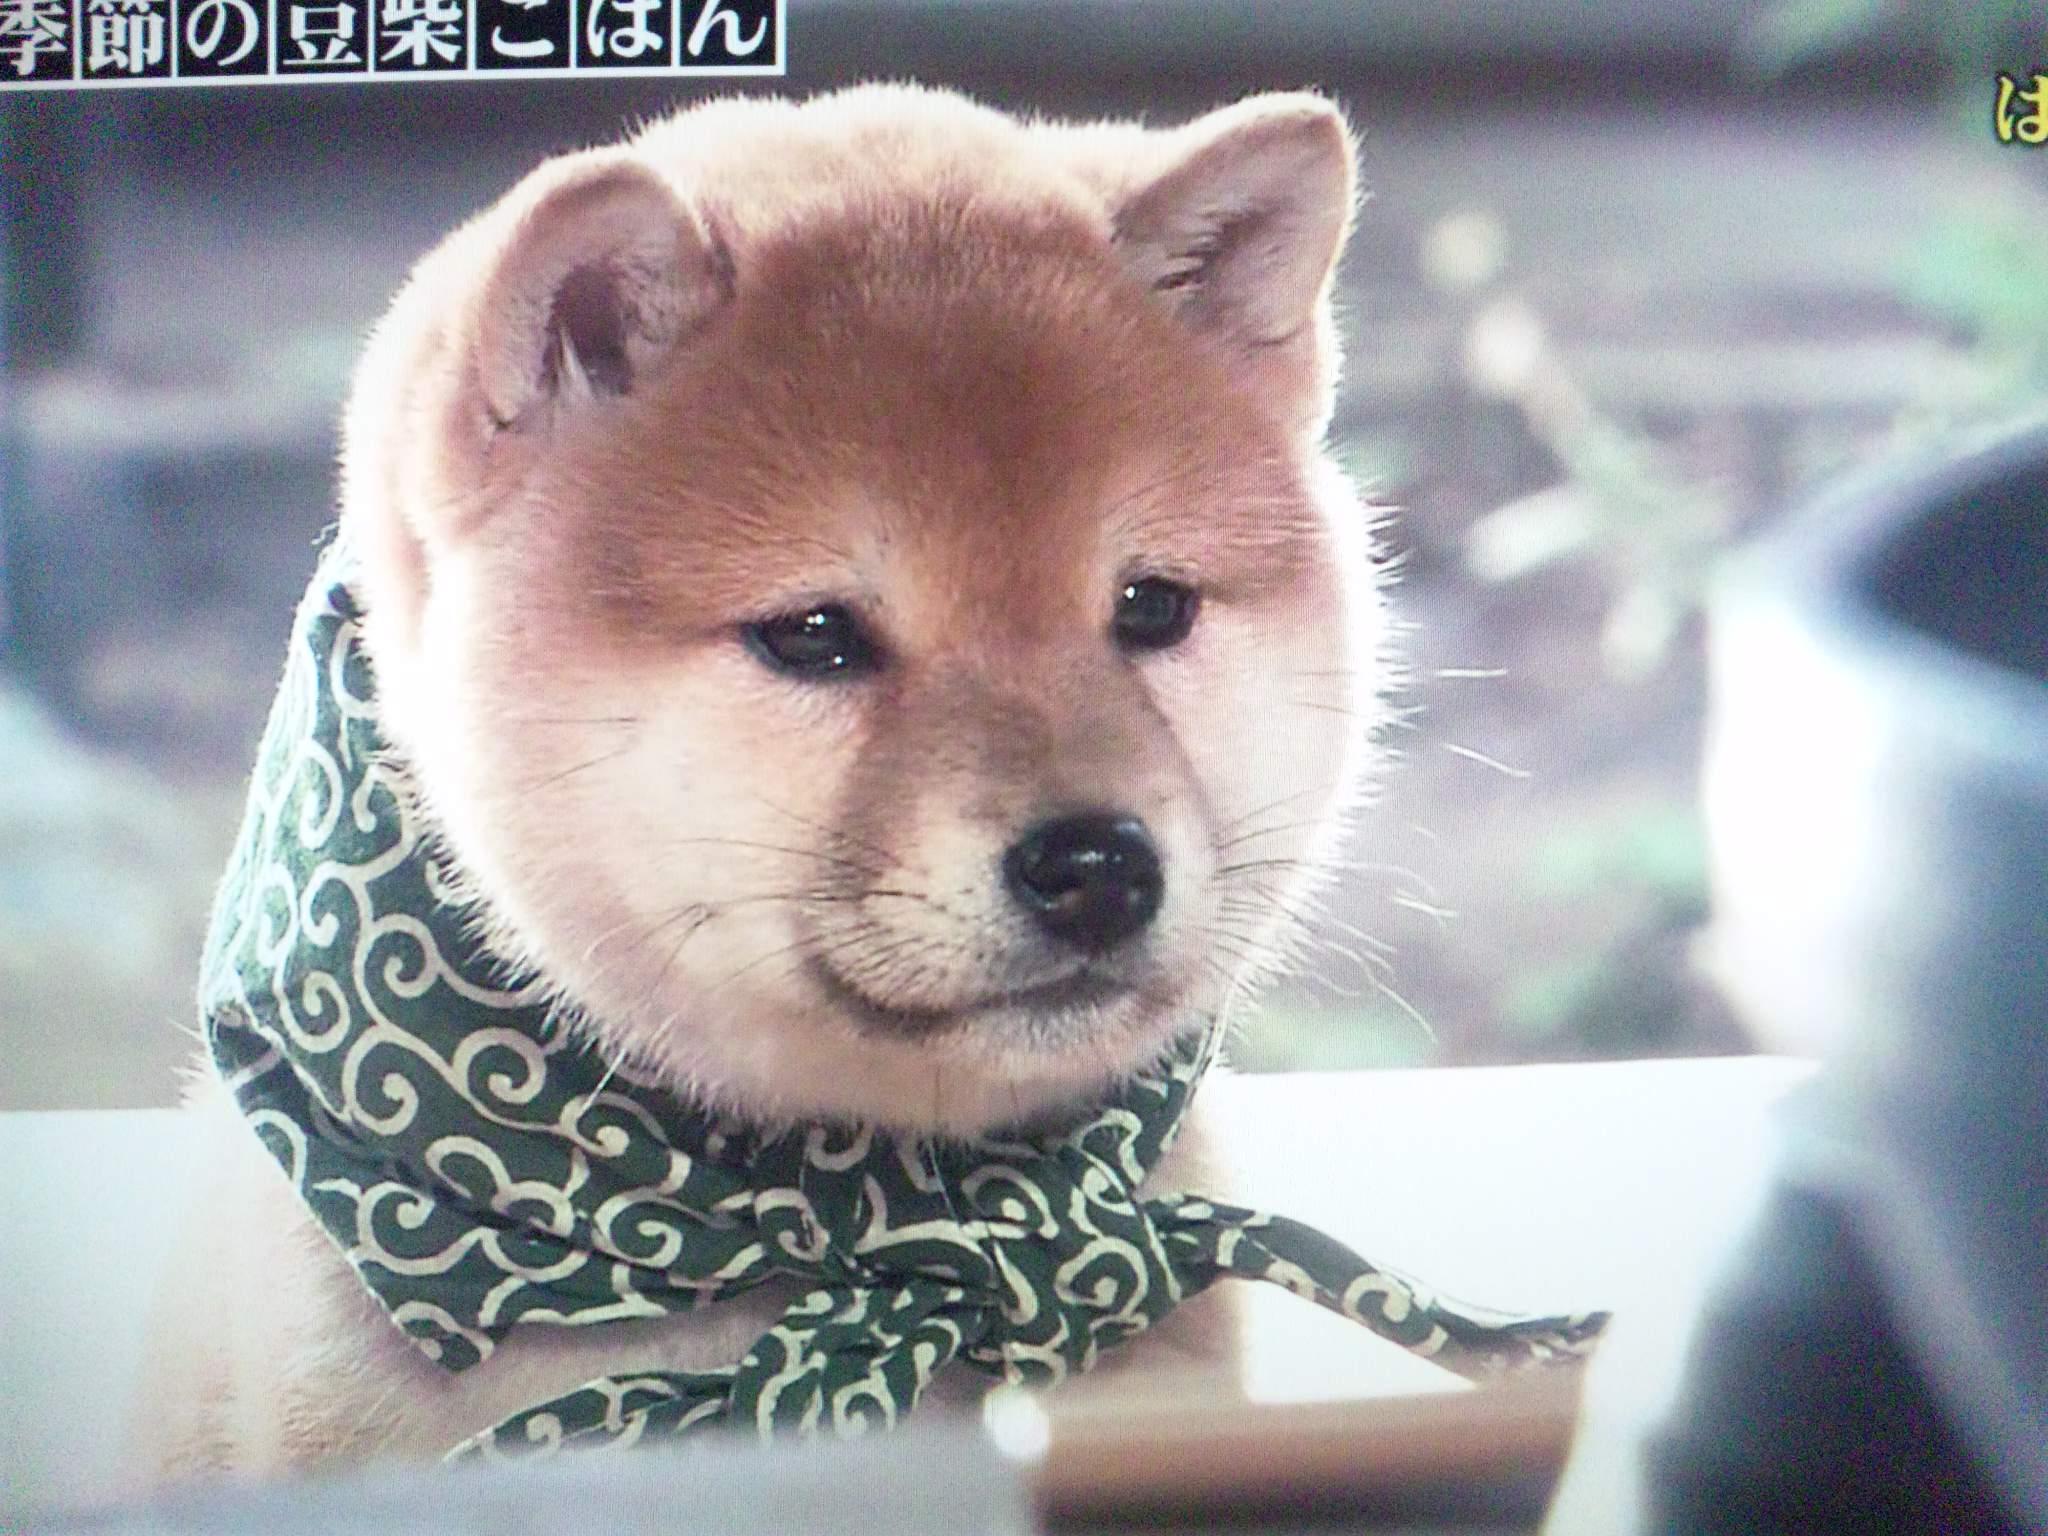 【社会】『日本はすごいんだ』『世界から尊敬されているんだ』という出版物やテレビ番組 自信喪失の現れYouTube動画>4本 ->画像>57枚